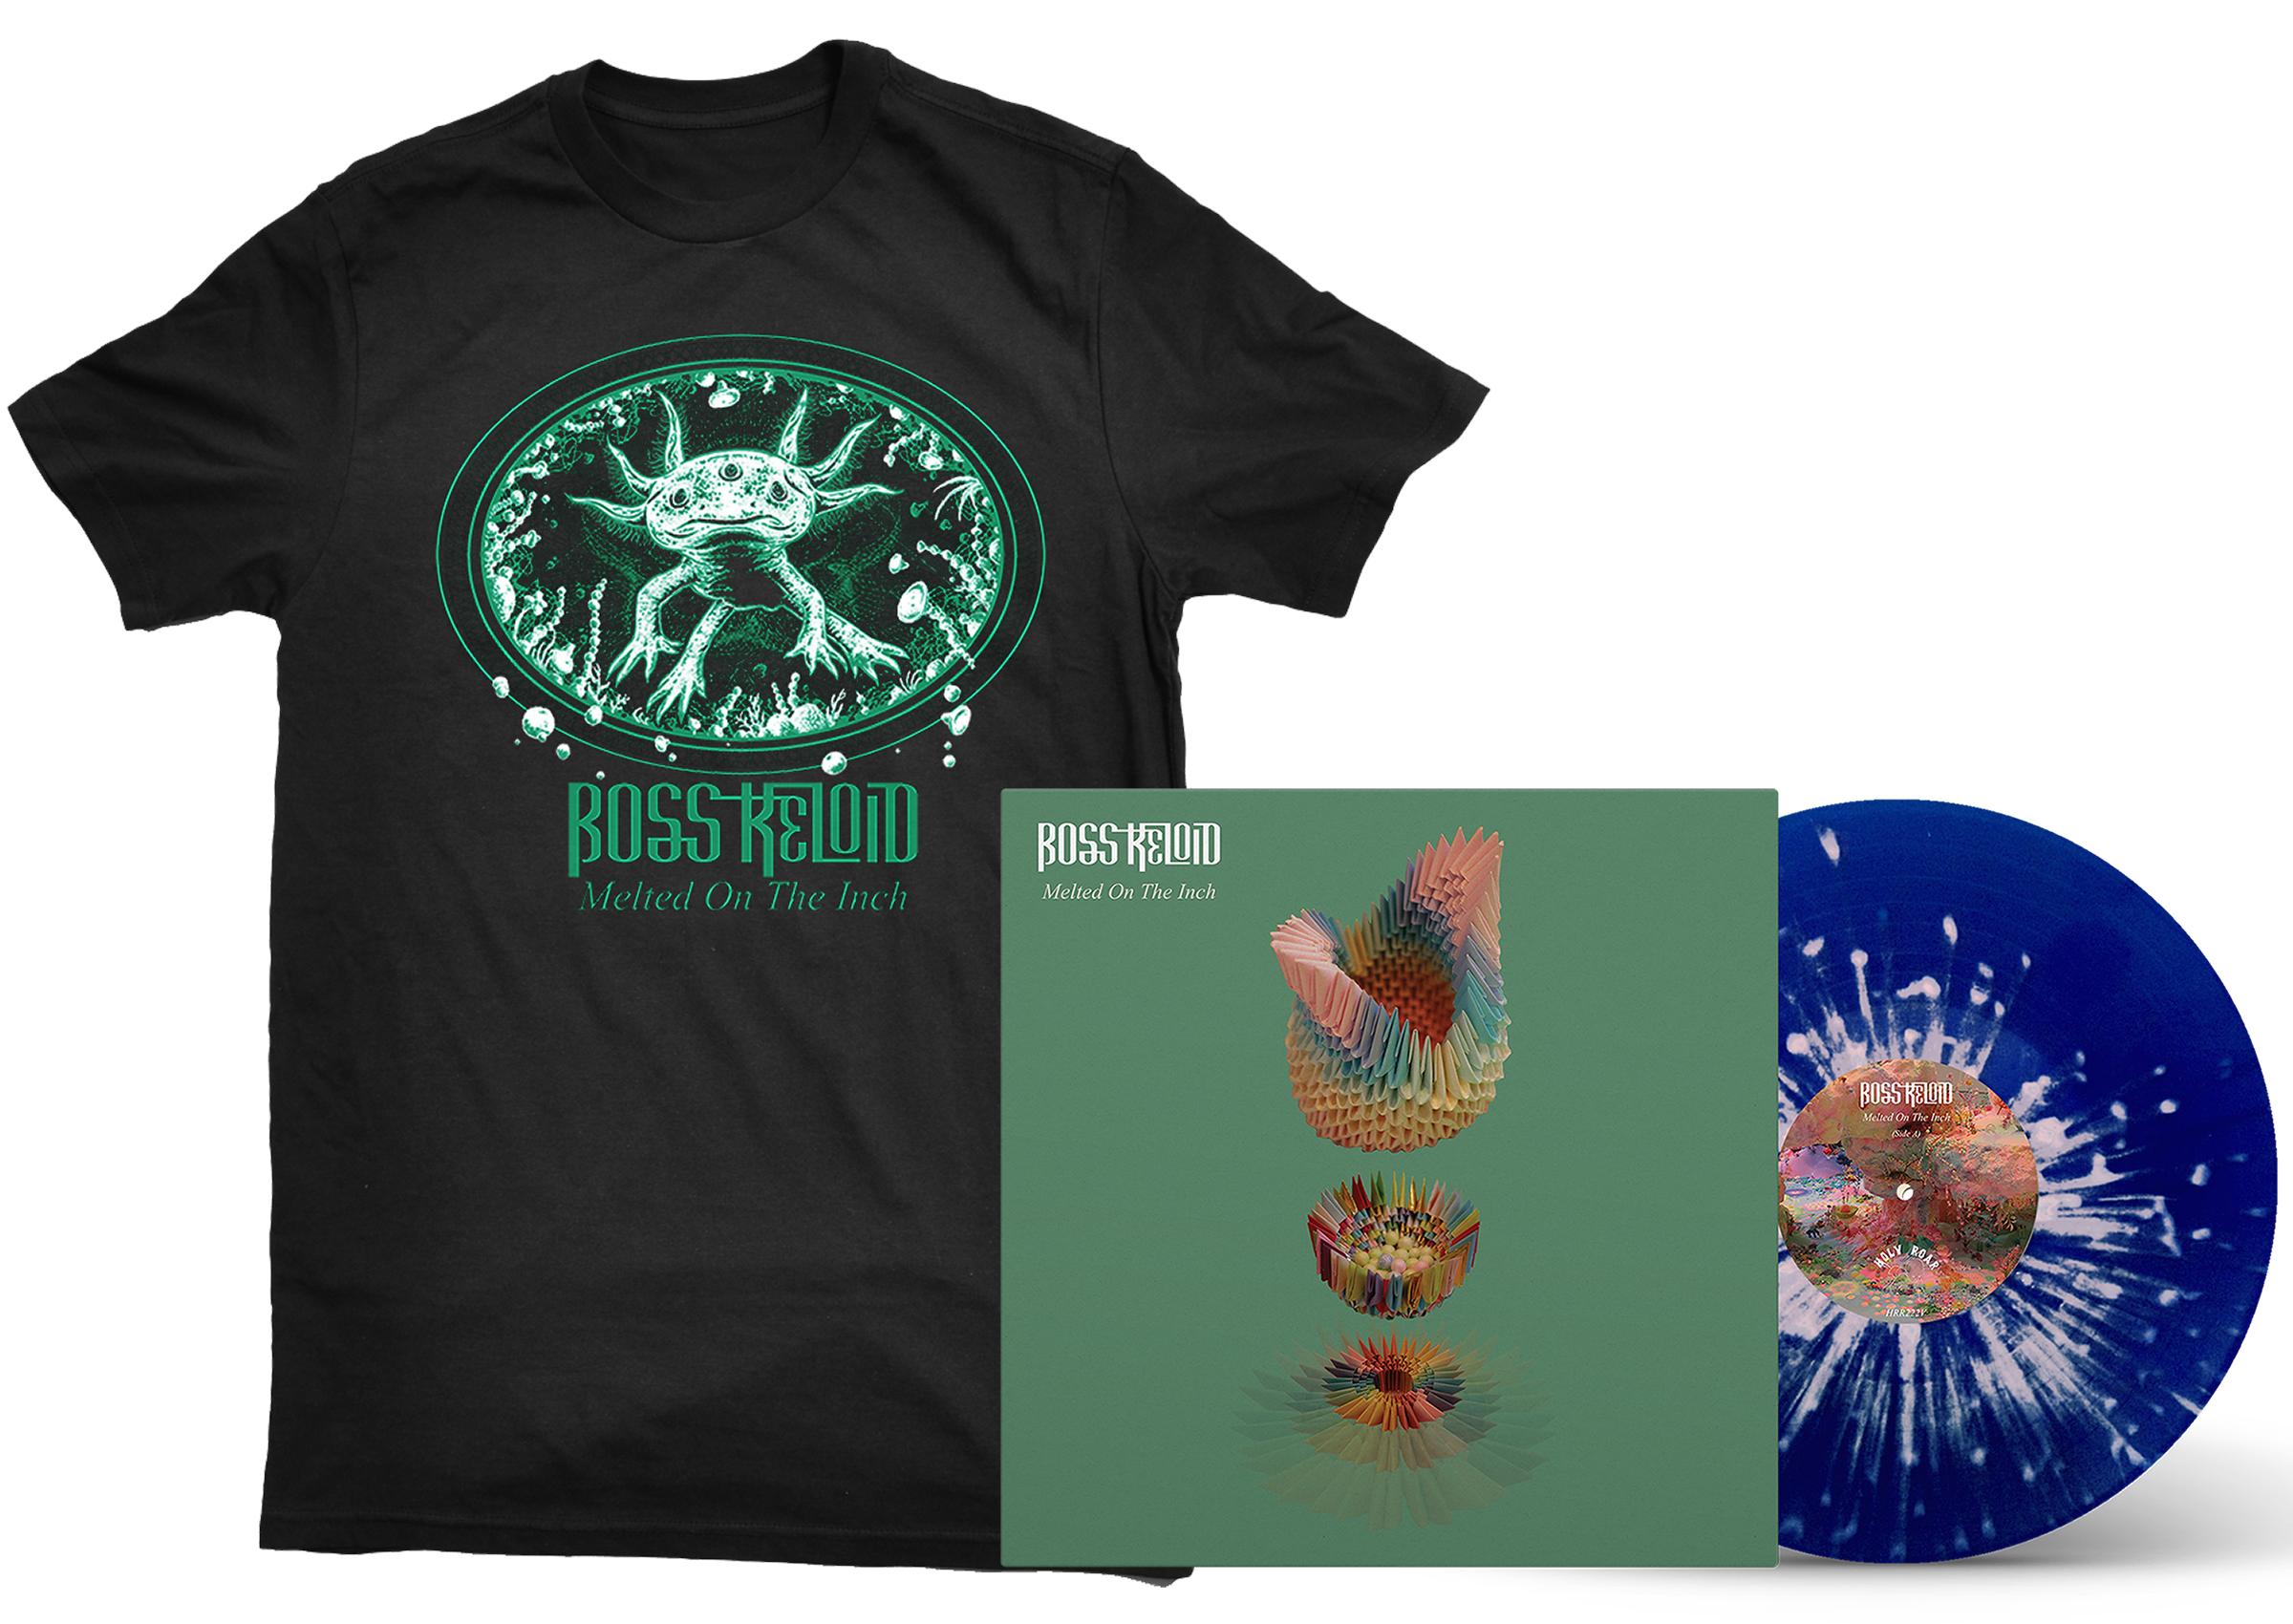 Boss Keloid 'Melted...' Axolotl shirt + LP